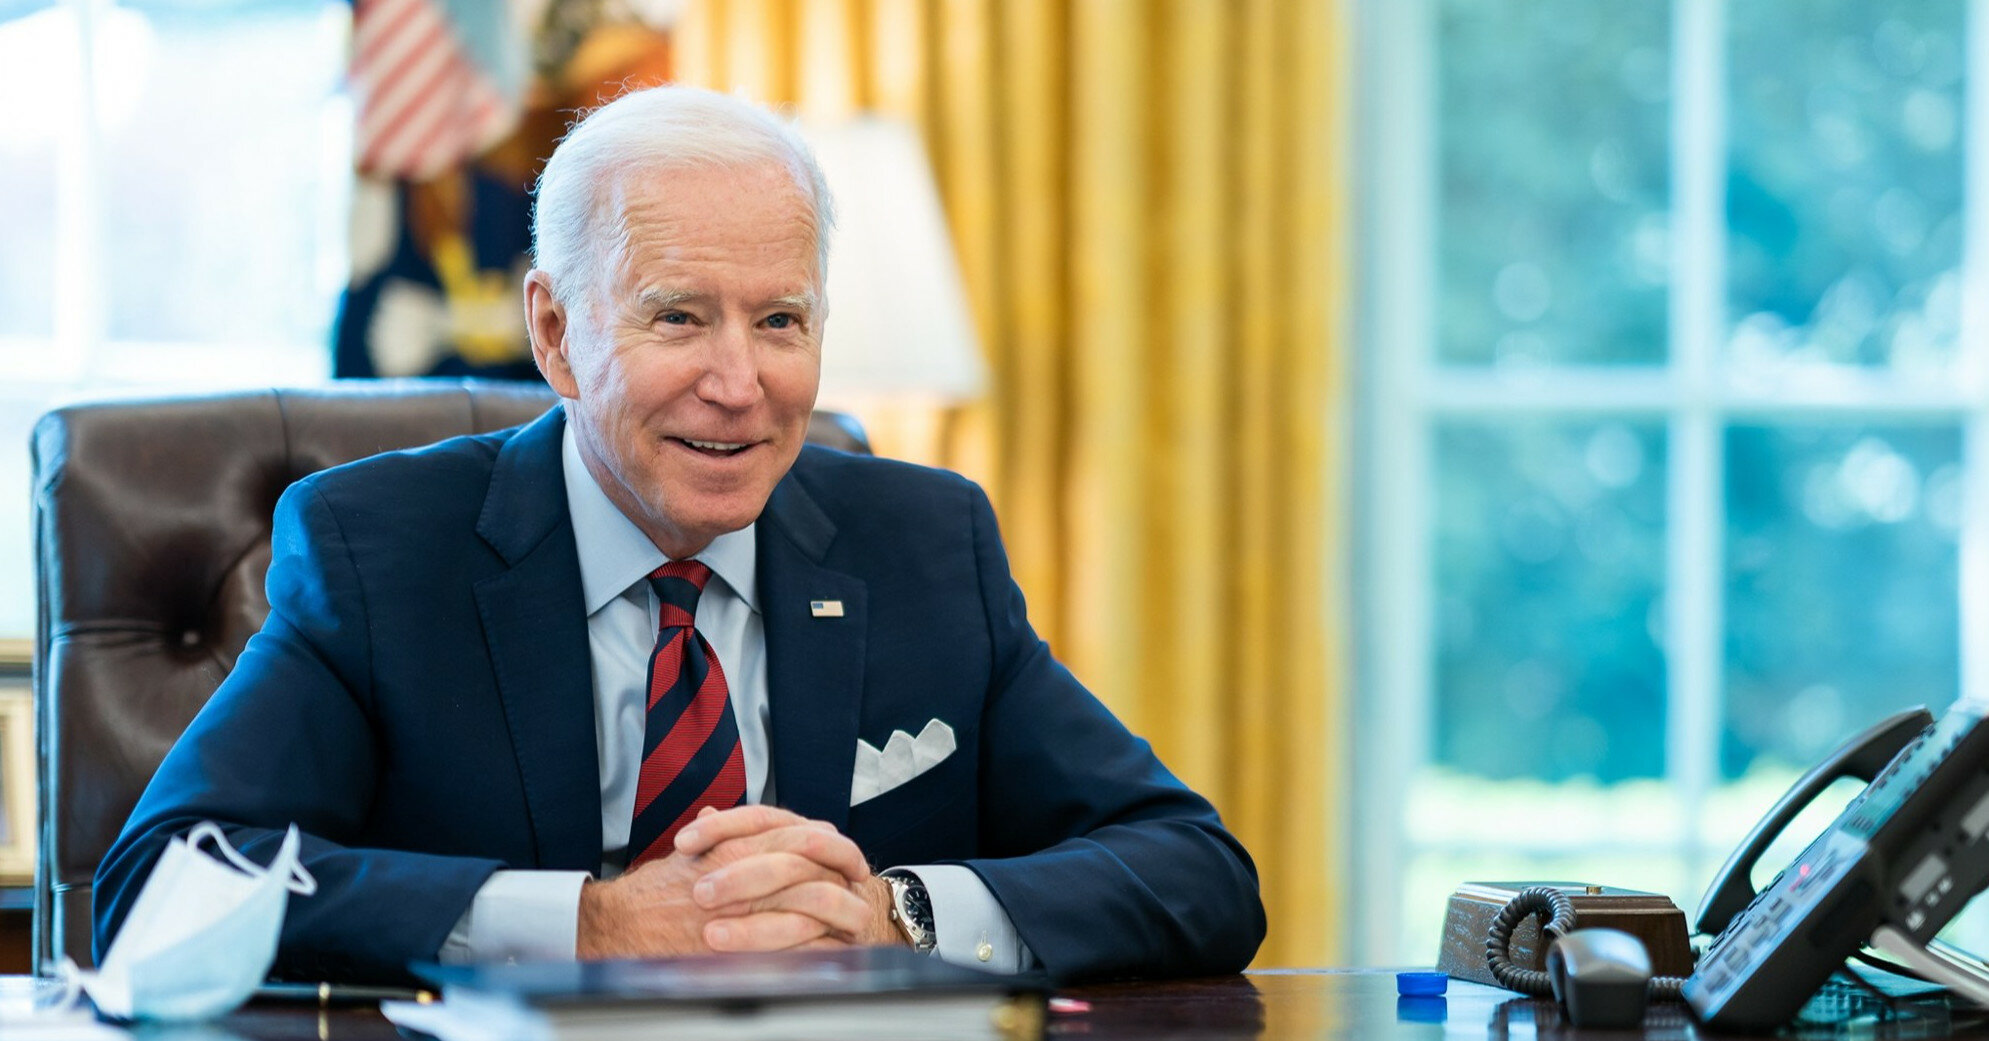 Разведка США предупредила Байдена о попытках РФ повлиять на выборы